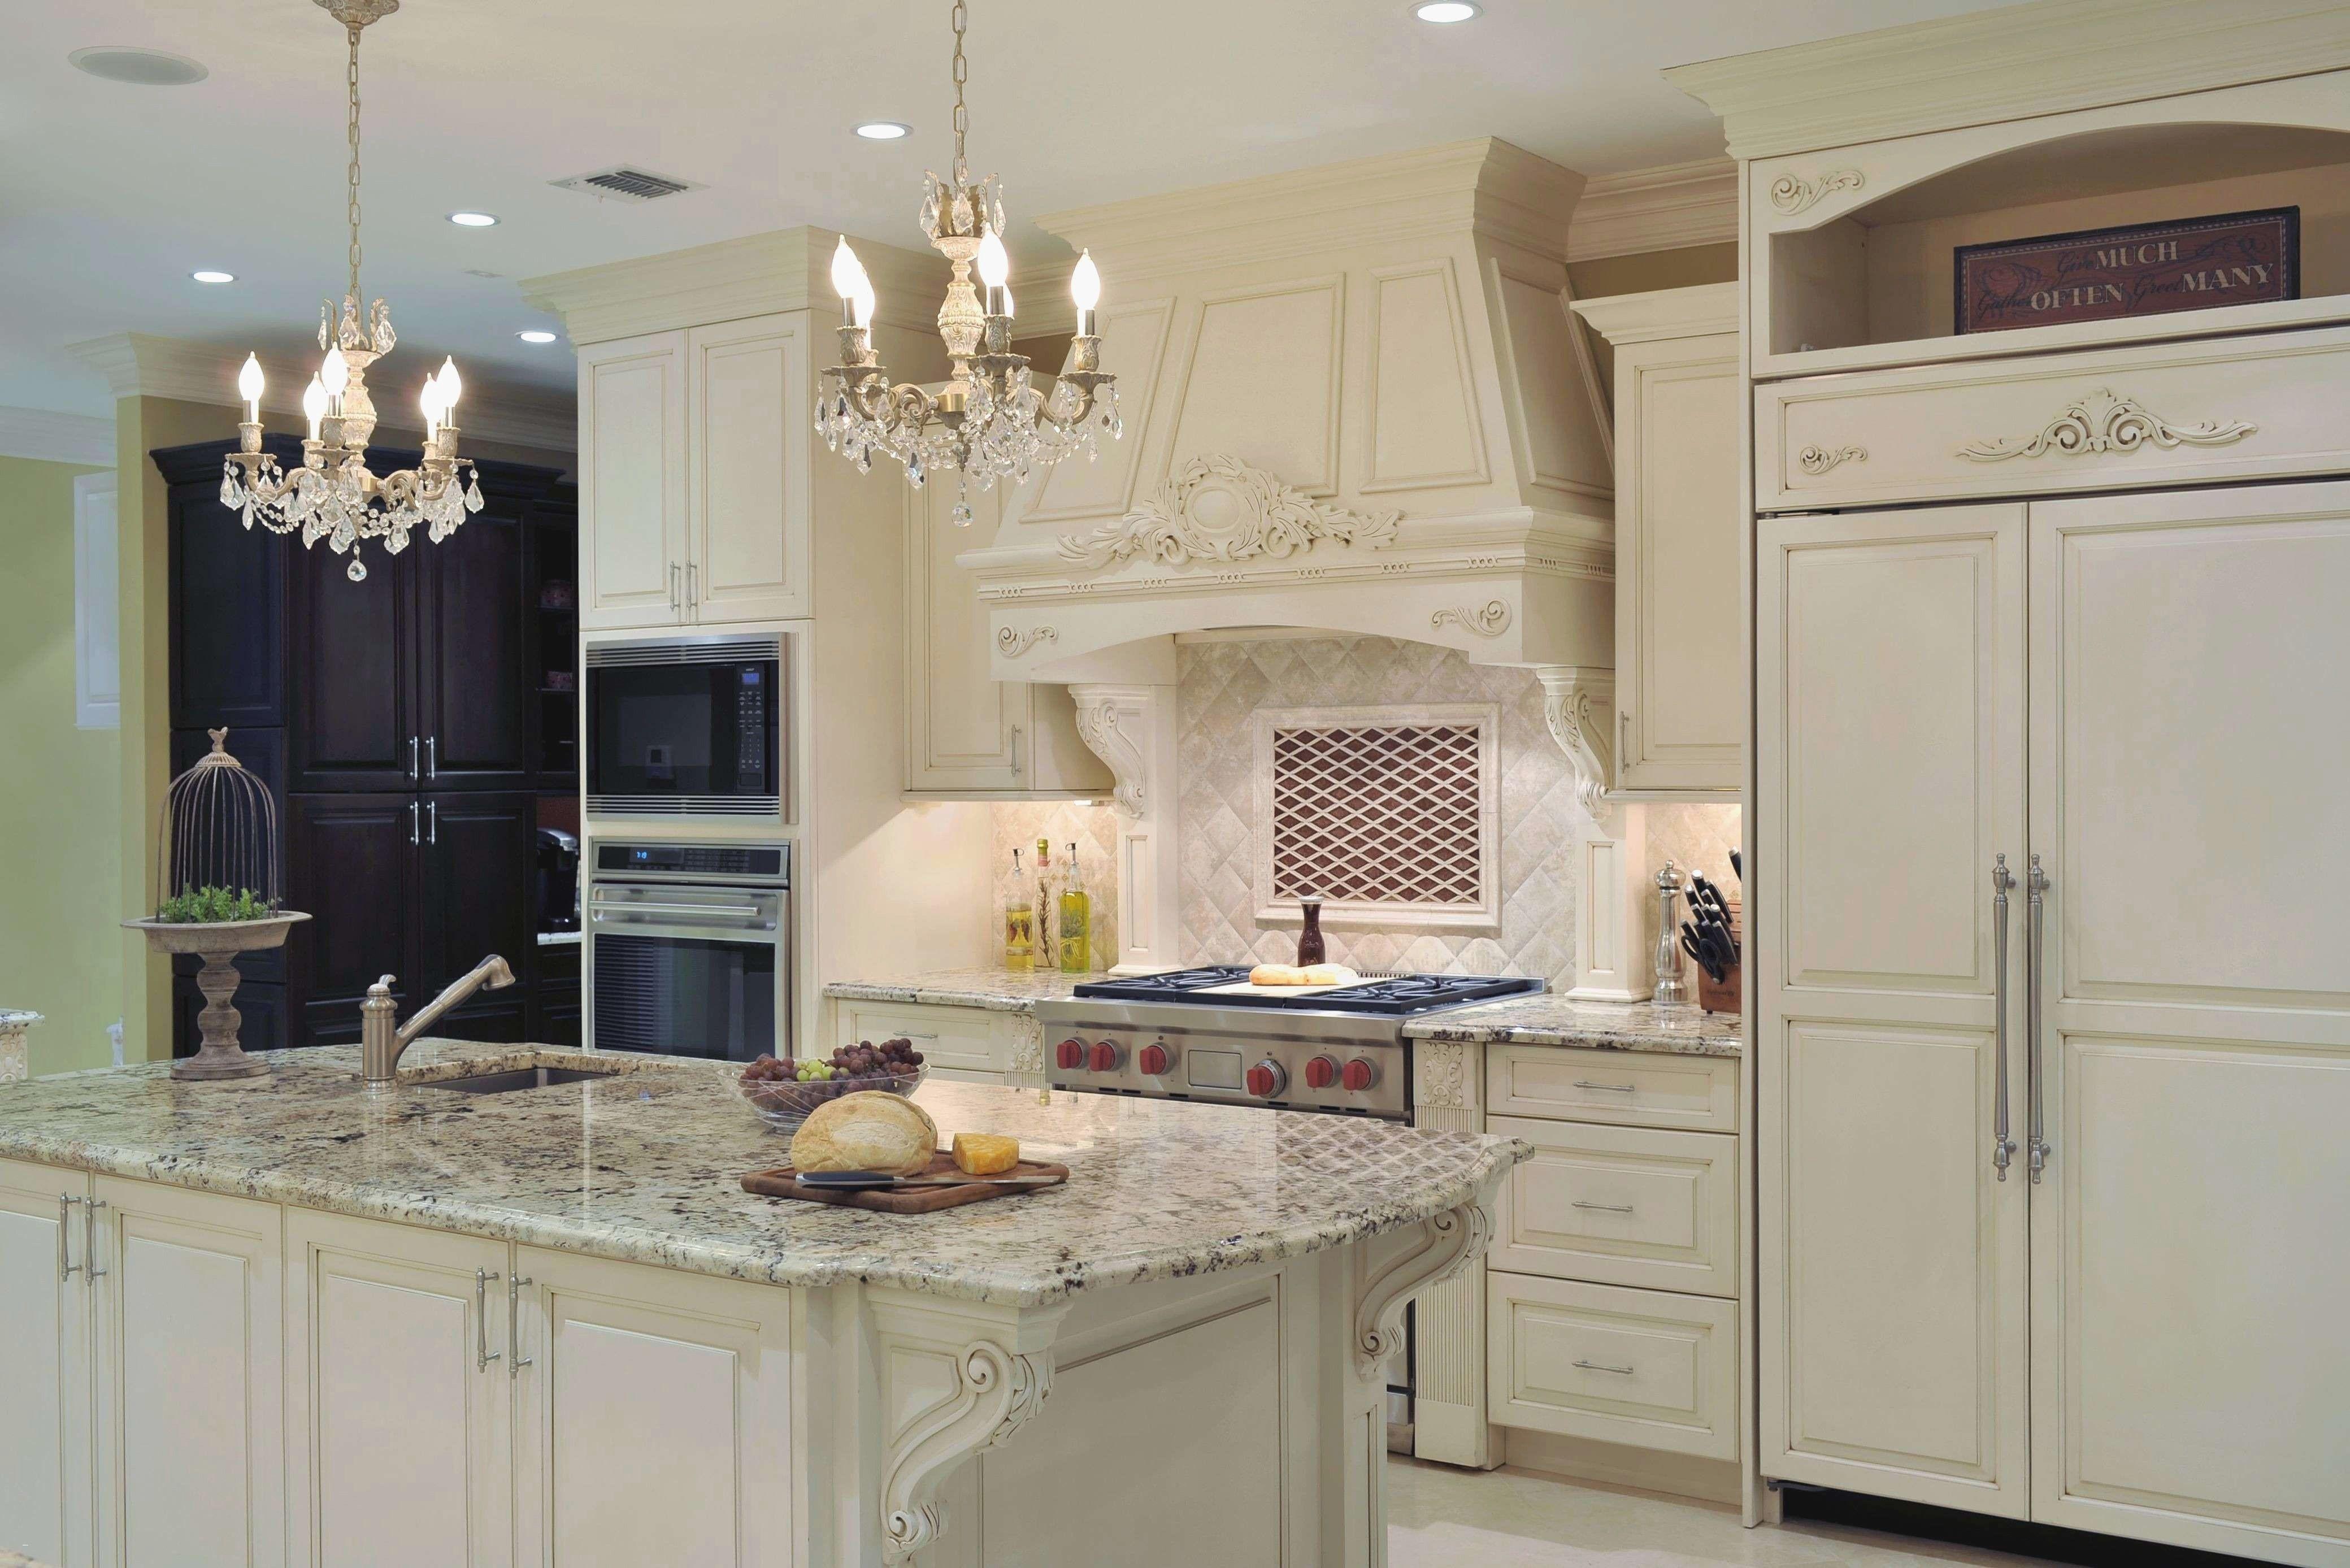 - Fresh Kitchen Cabinets In Nigeria Dapur Modern, Kabinet Dapur